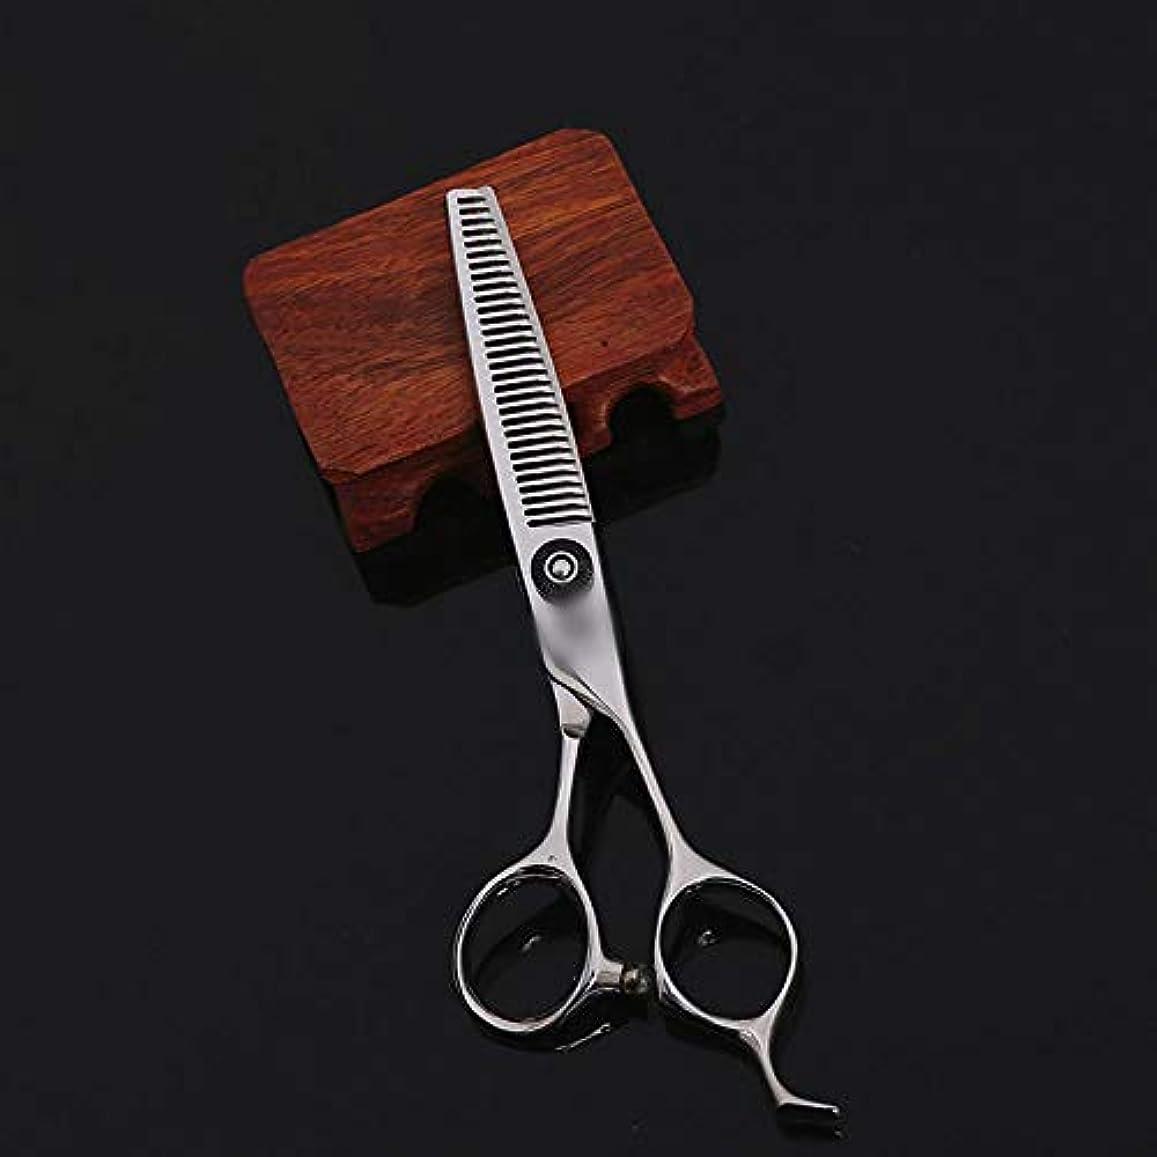 スマイルコーデリア似ているGoodsok-jp 6インチフラットカット理髪師特別なハイエンドプロフェッショナルステンレス鋼美容はさみ (色 : Silver)